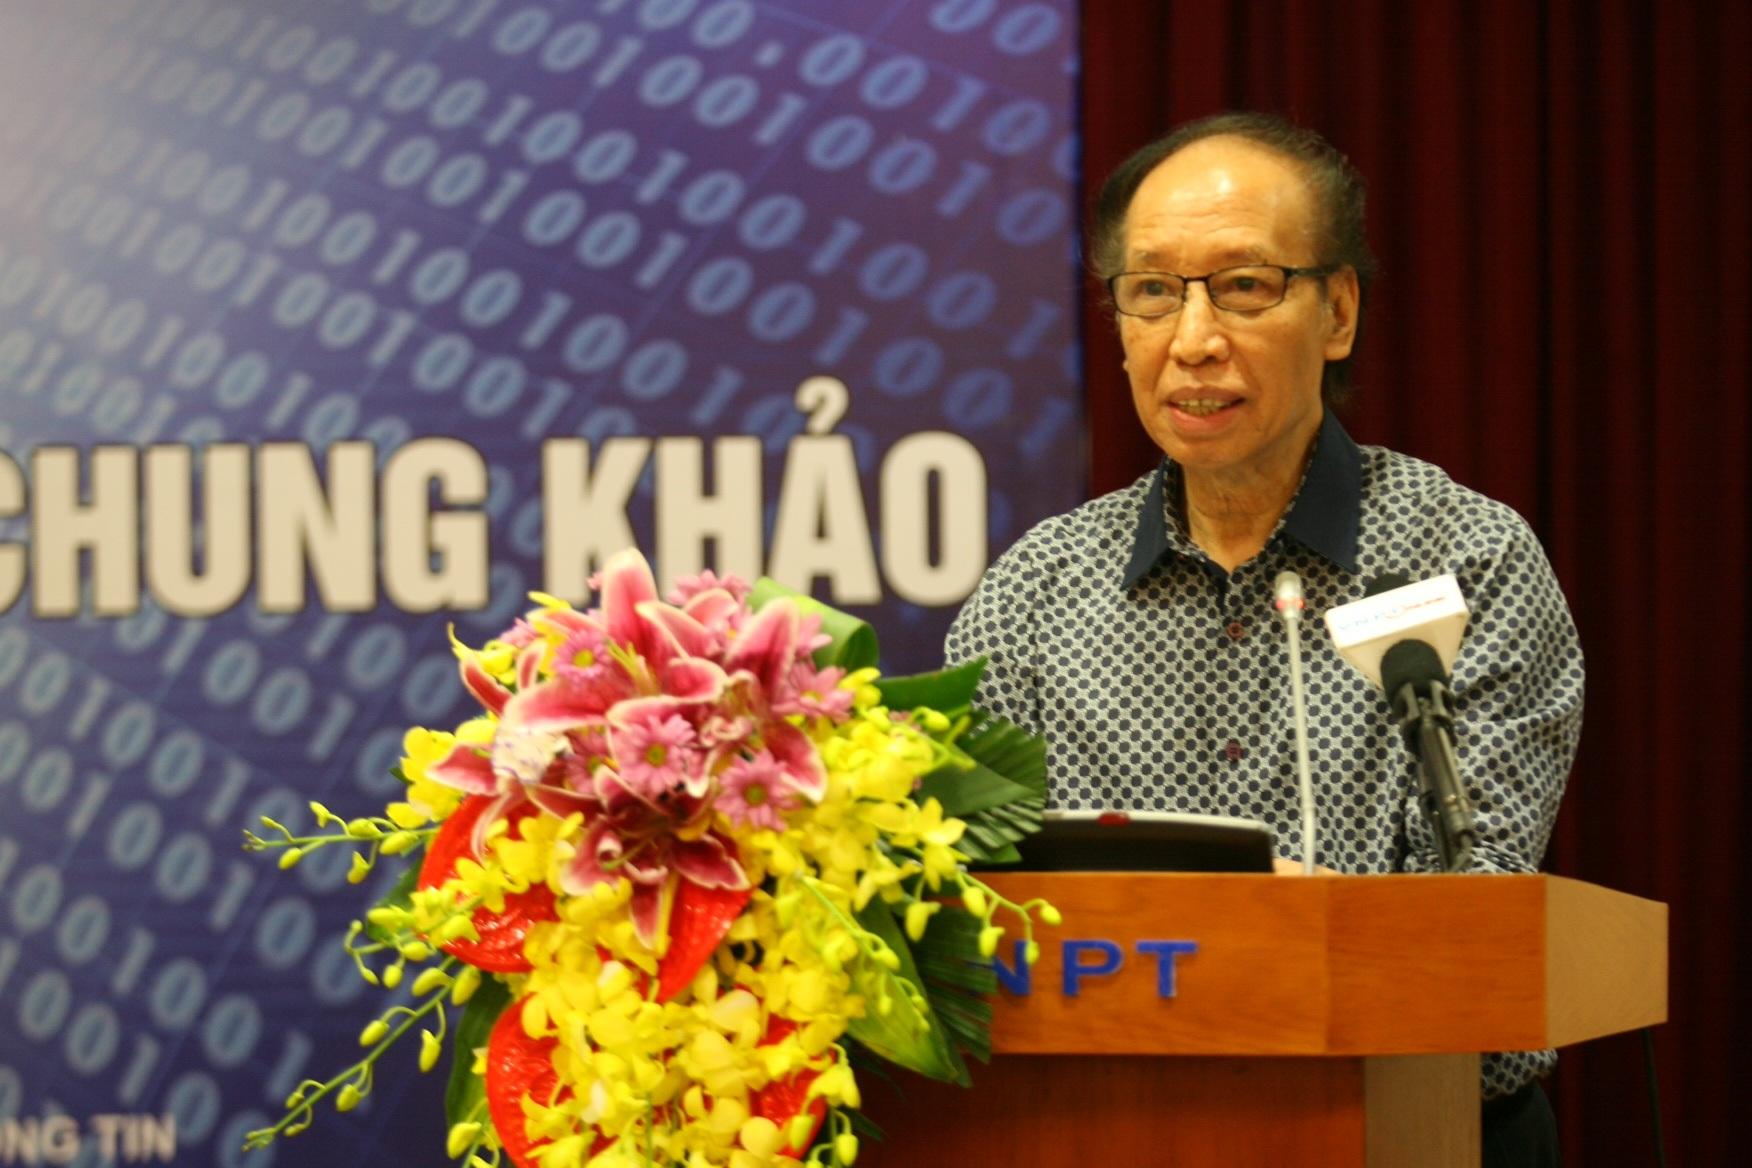 Nhà báo Phạm Huy Hoàn – Tổng biên tập Báo điện tử Dân trí, trưởng Ban tổ chức Giải thưởng NTĐV 2015 chia sẻ những thông tin thú vị về các sản phẩm dự thi